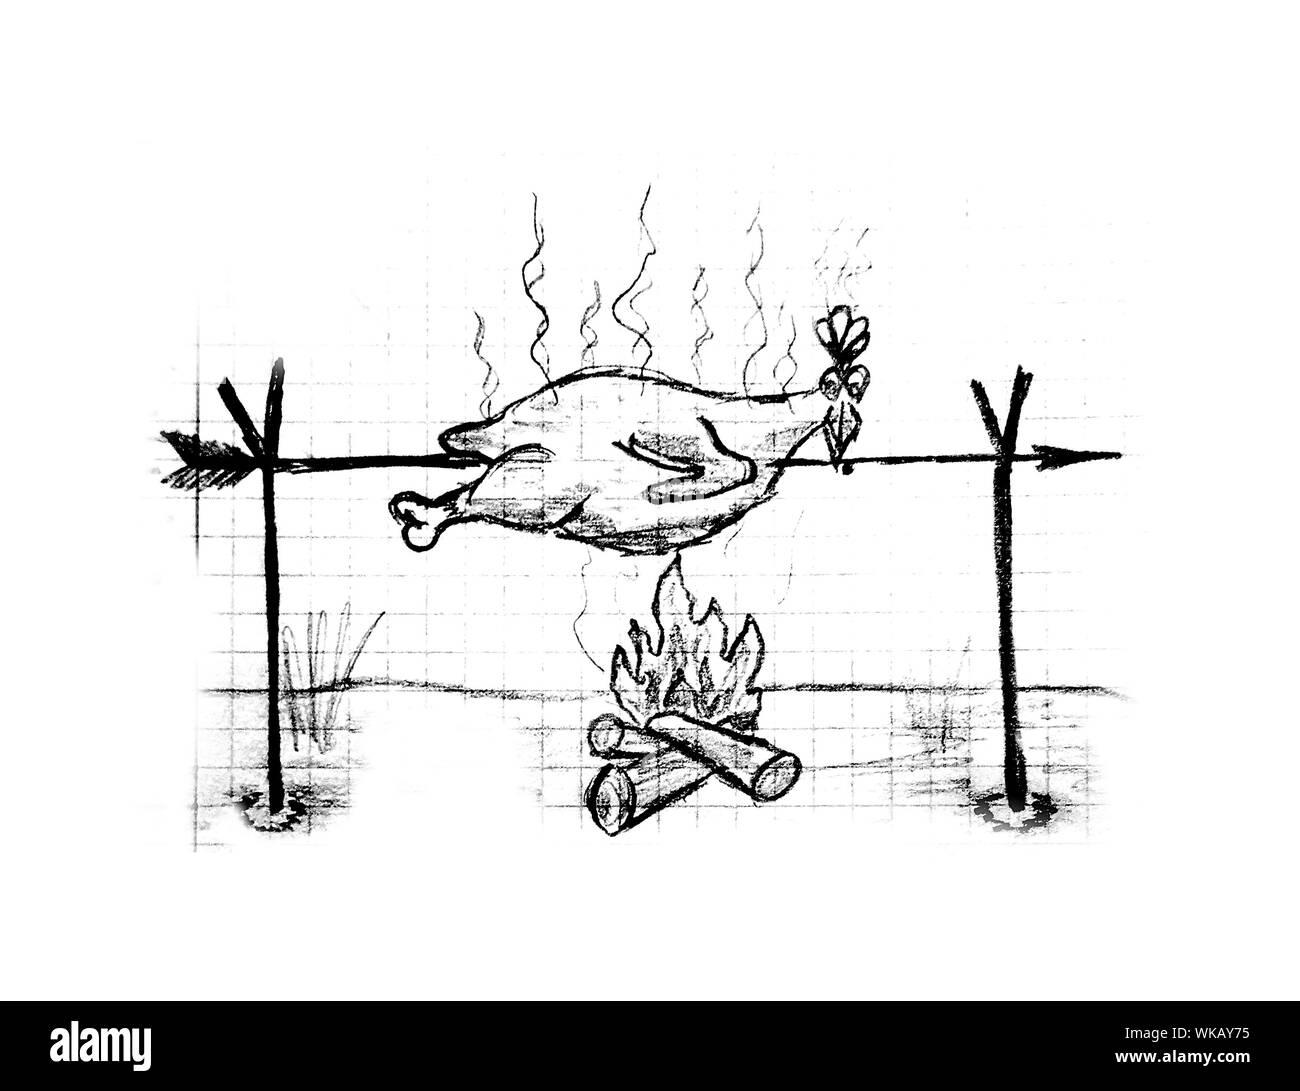 Roast chicken, illustration Stock Photo